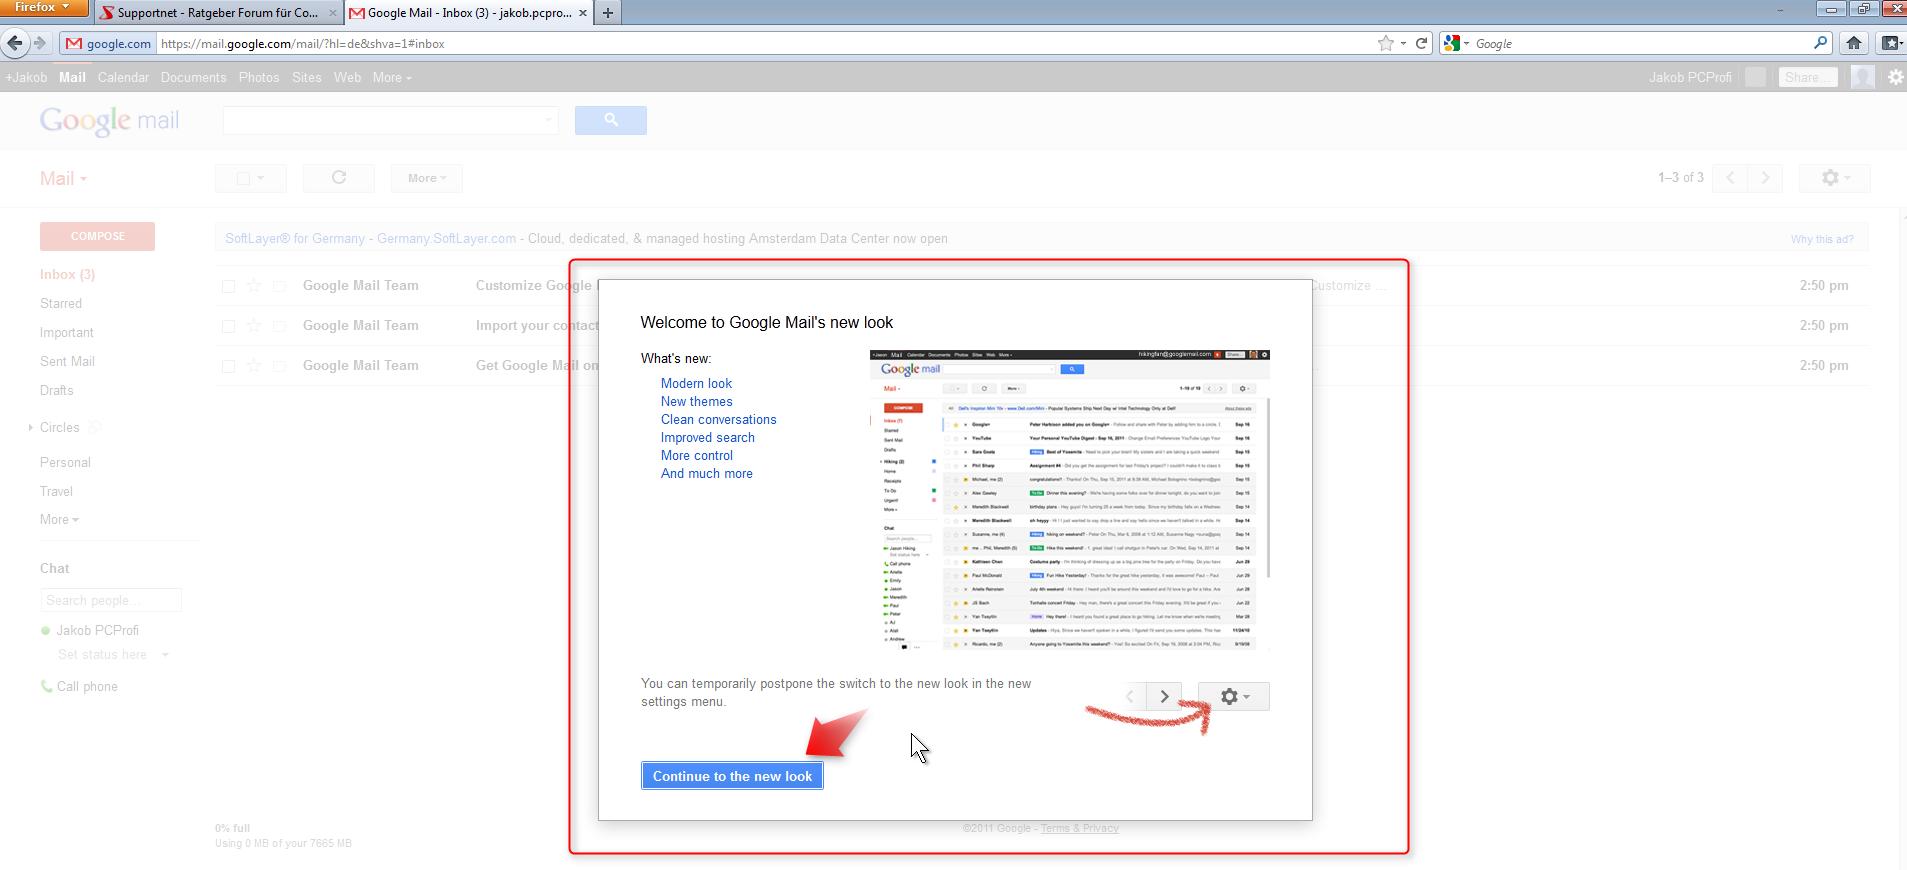 07-Ein-kostenloses-E-Mail-Konto-bei-Google-eroeffnen-mit-Video-spam-470.png?nocache=1325851091723